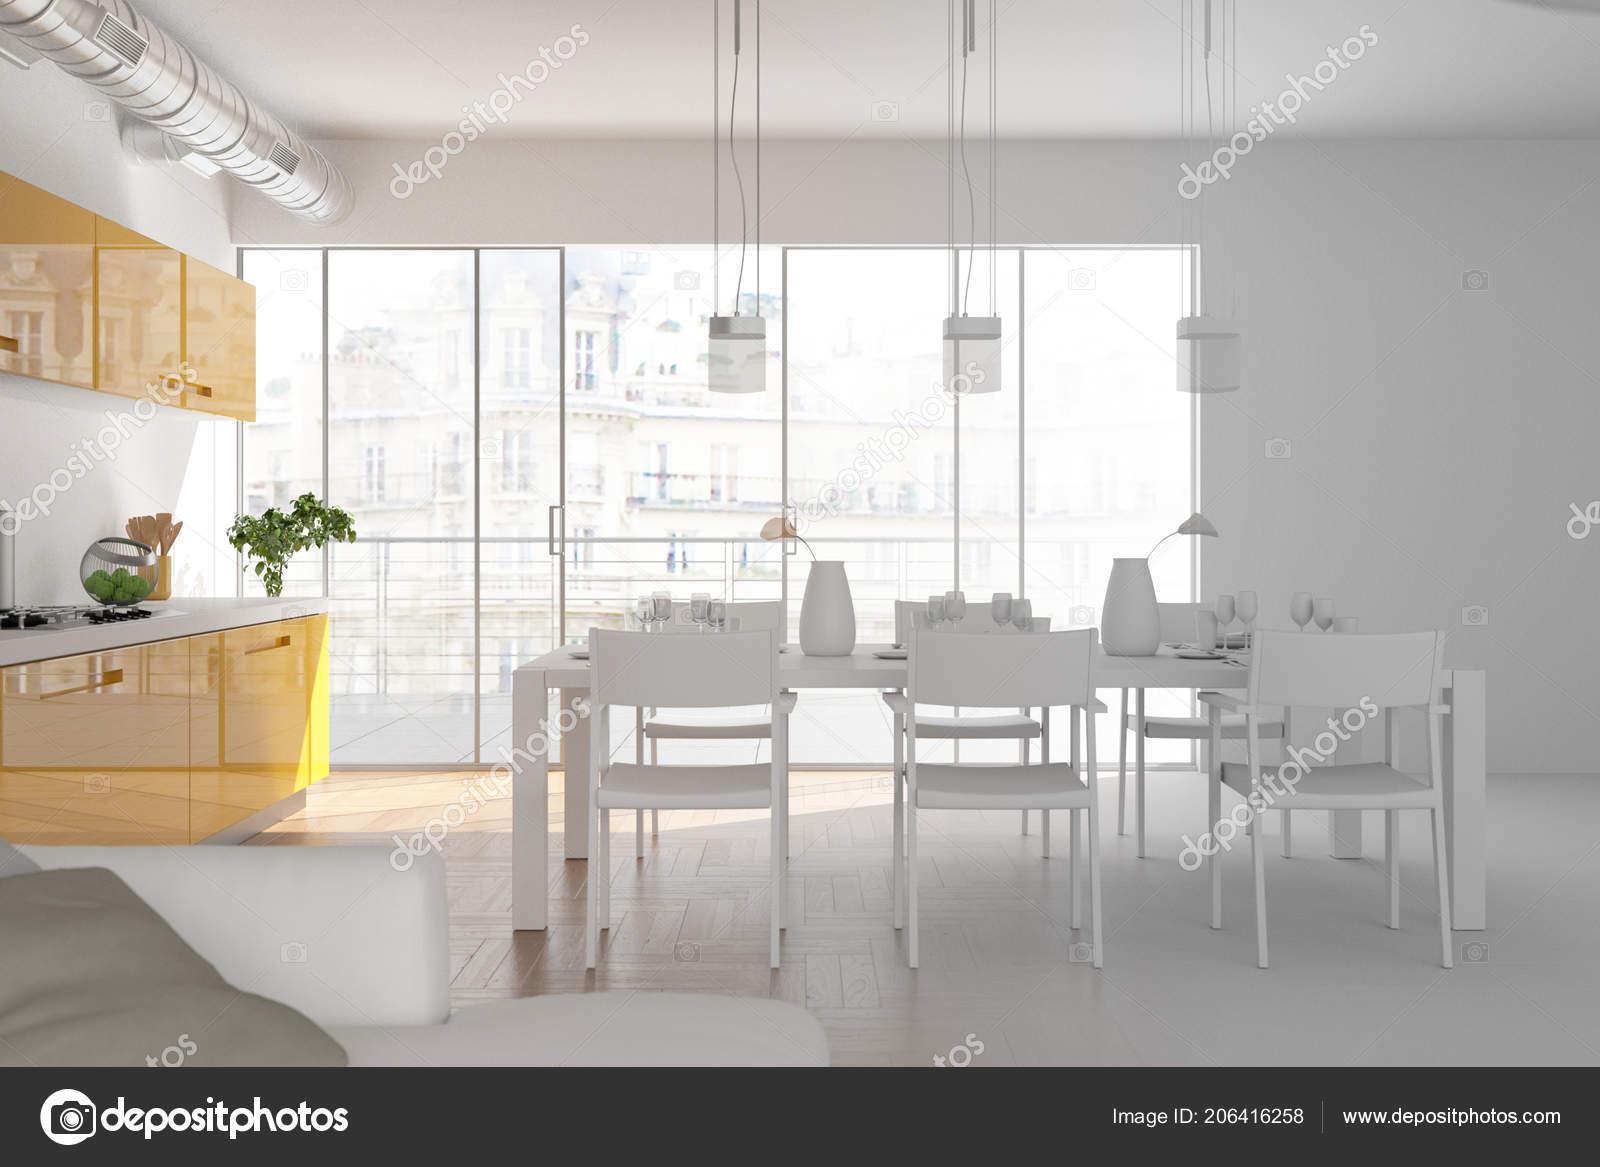 Model van modern interieur woonkamer u2014 stockfoto © virtua73 #206416258